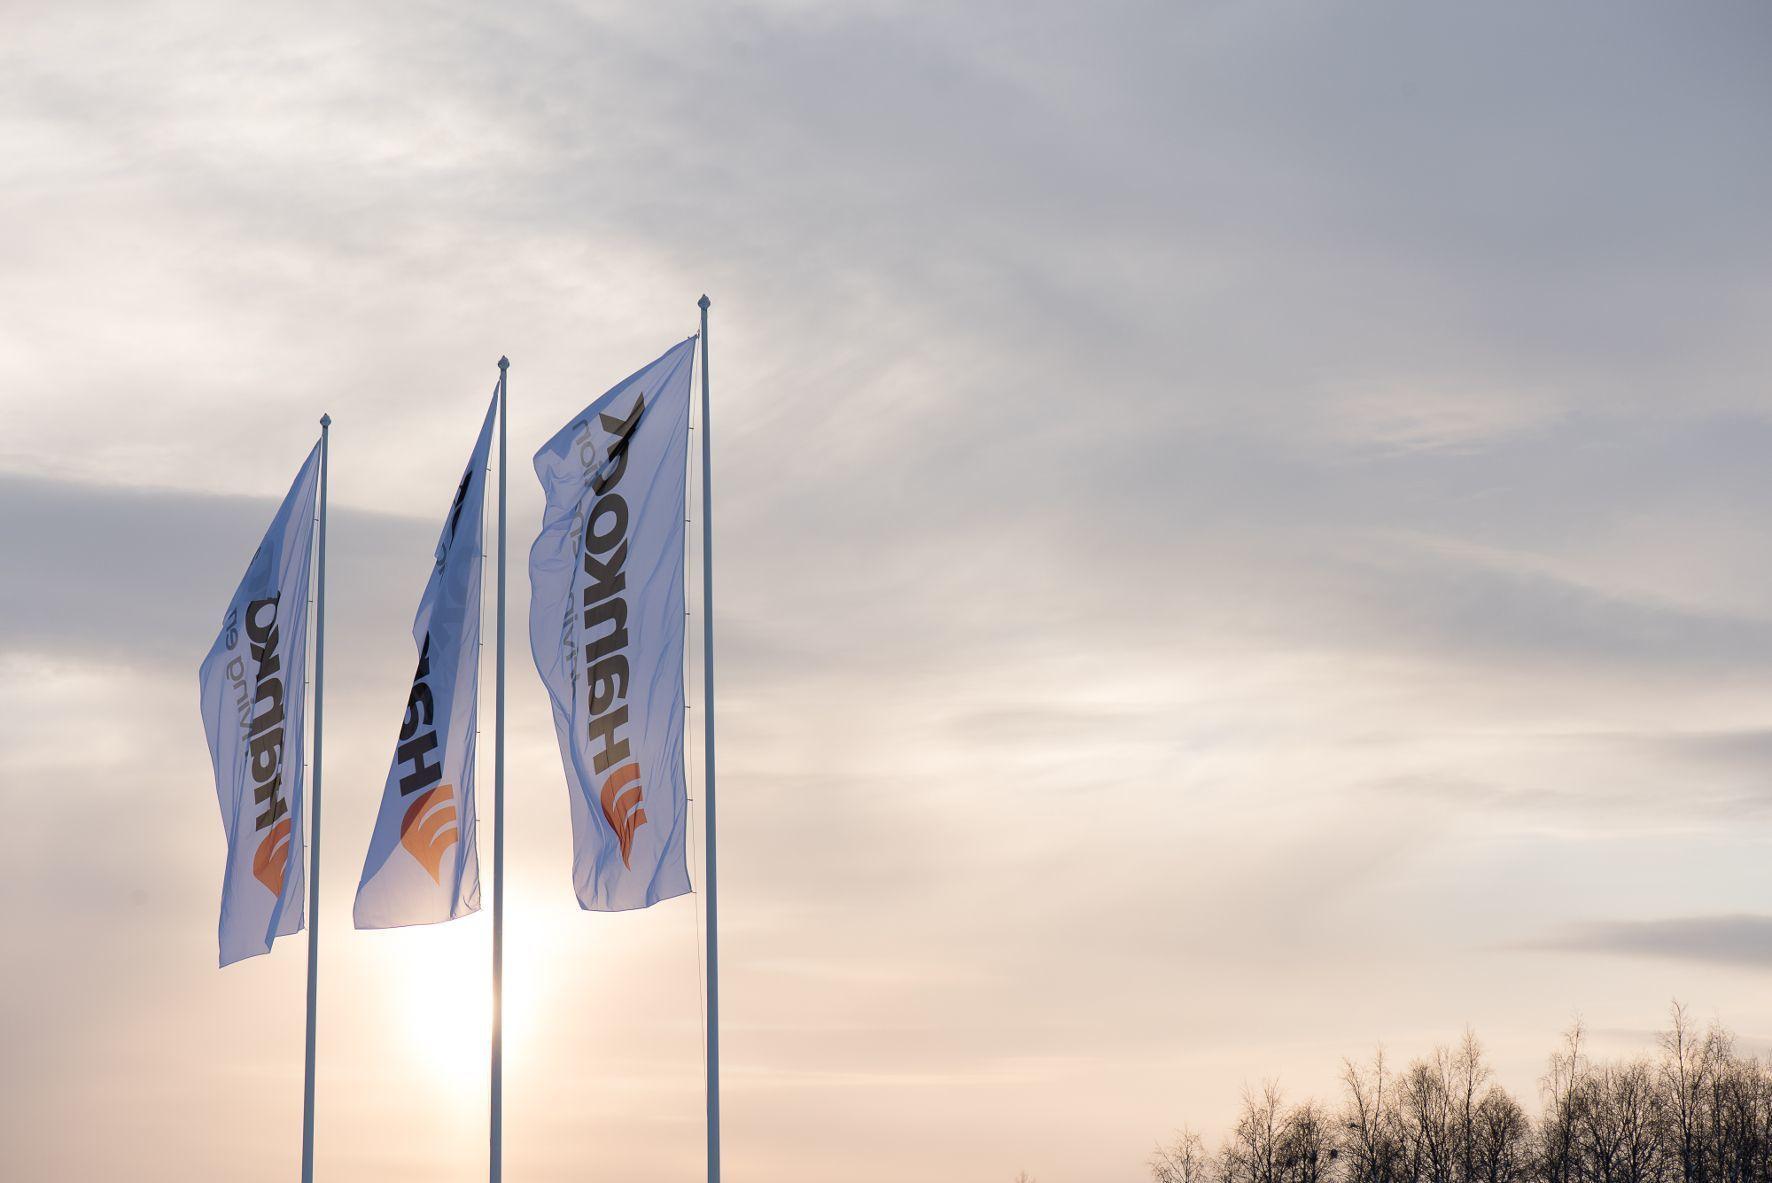 mid Ivalo - Hankook hisst die Flaggen nahe des Polarkreises: Der Reifenhersteller eröffnet in Lappland ein Testzentrum.